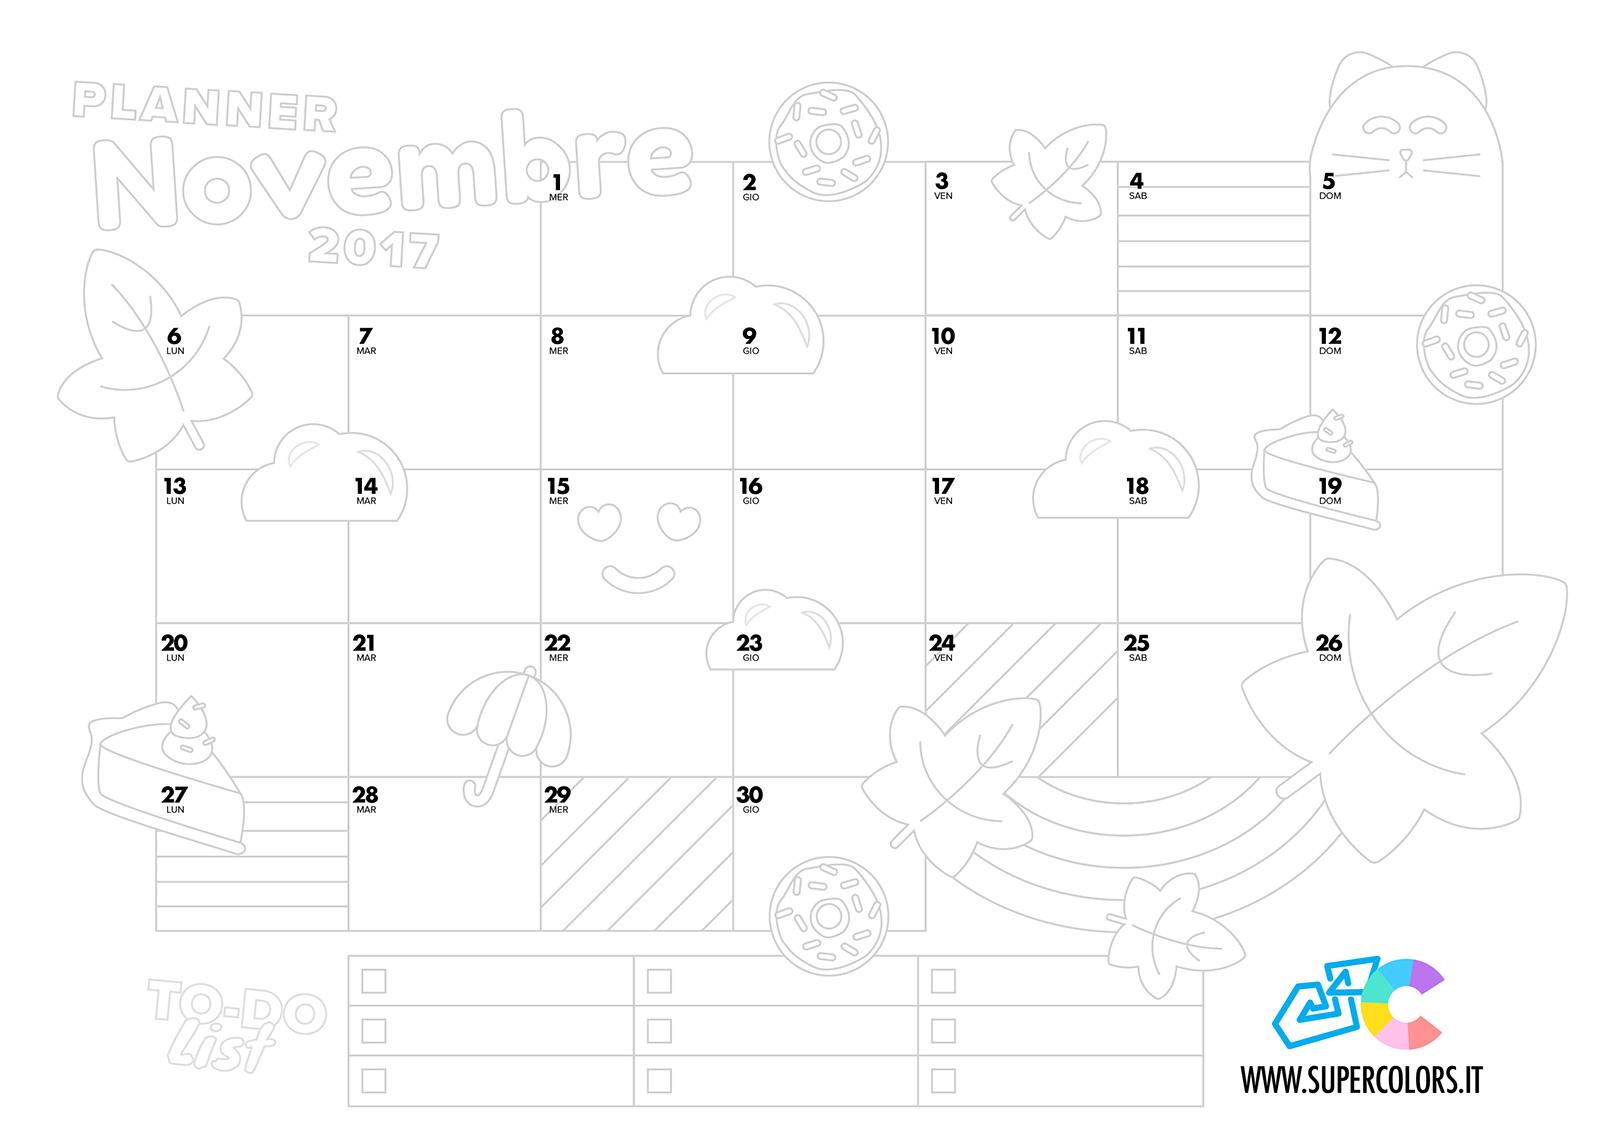 calendario-novembre-2017-da-stampare-versione-coloring-planner-novembre-2017-supercolors-ret-bassa